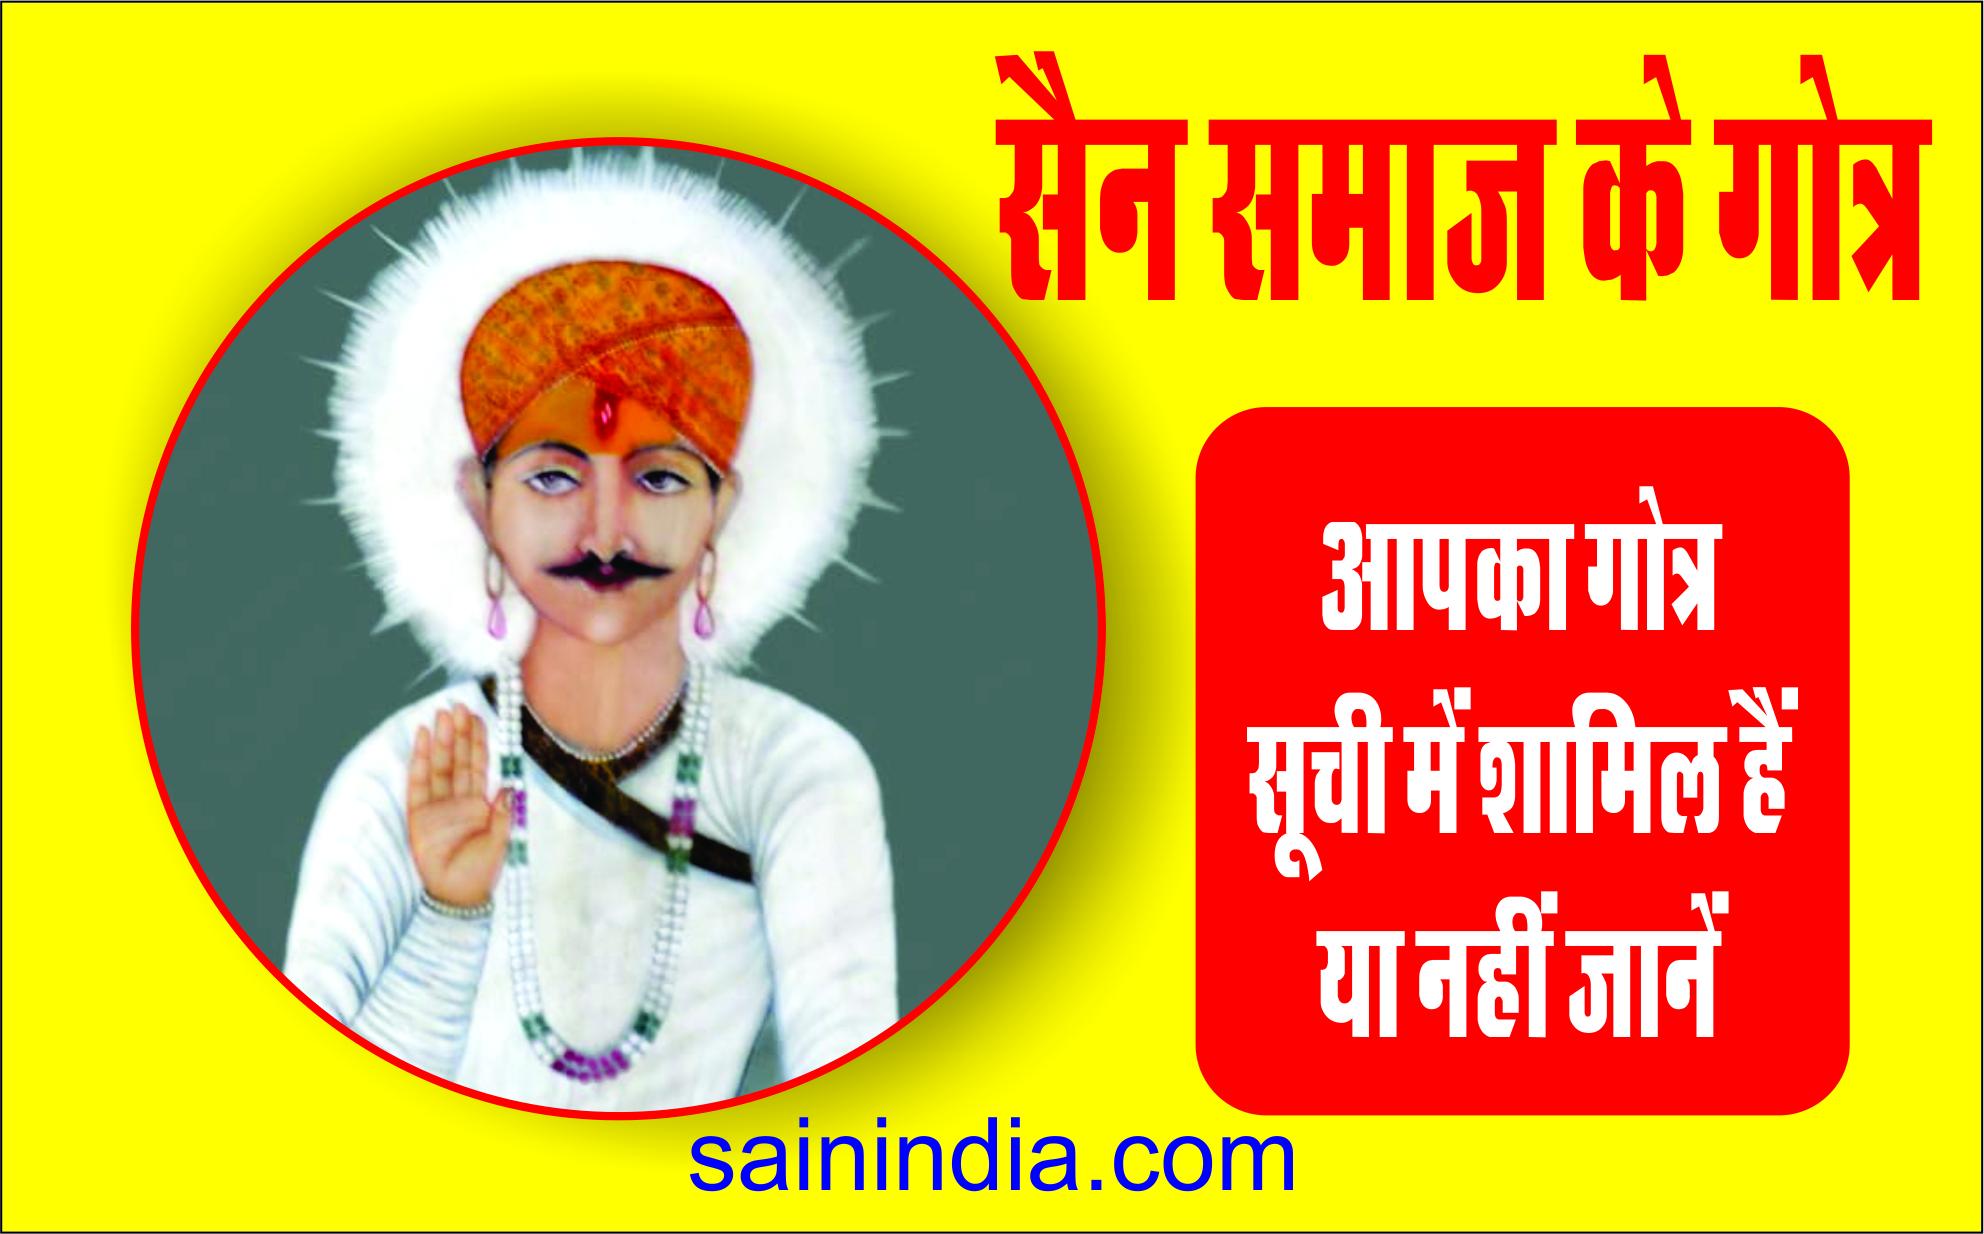 Gotra List- Sain Samaj Gotra -Nai Samaj-Sen Samaj Gotra update